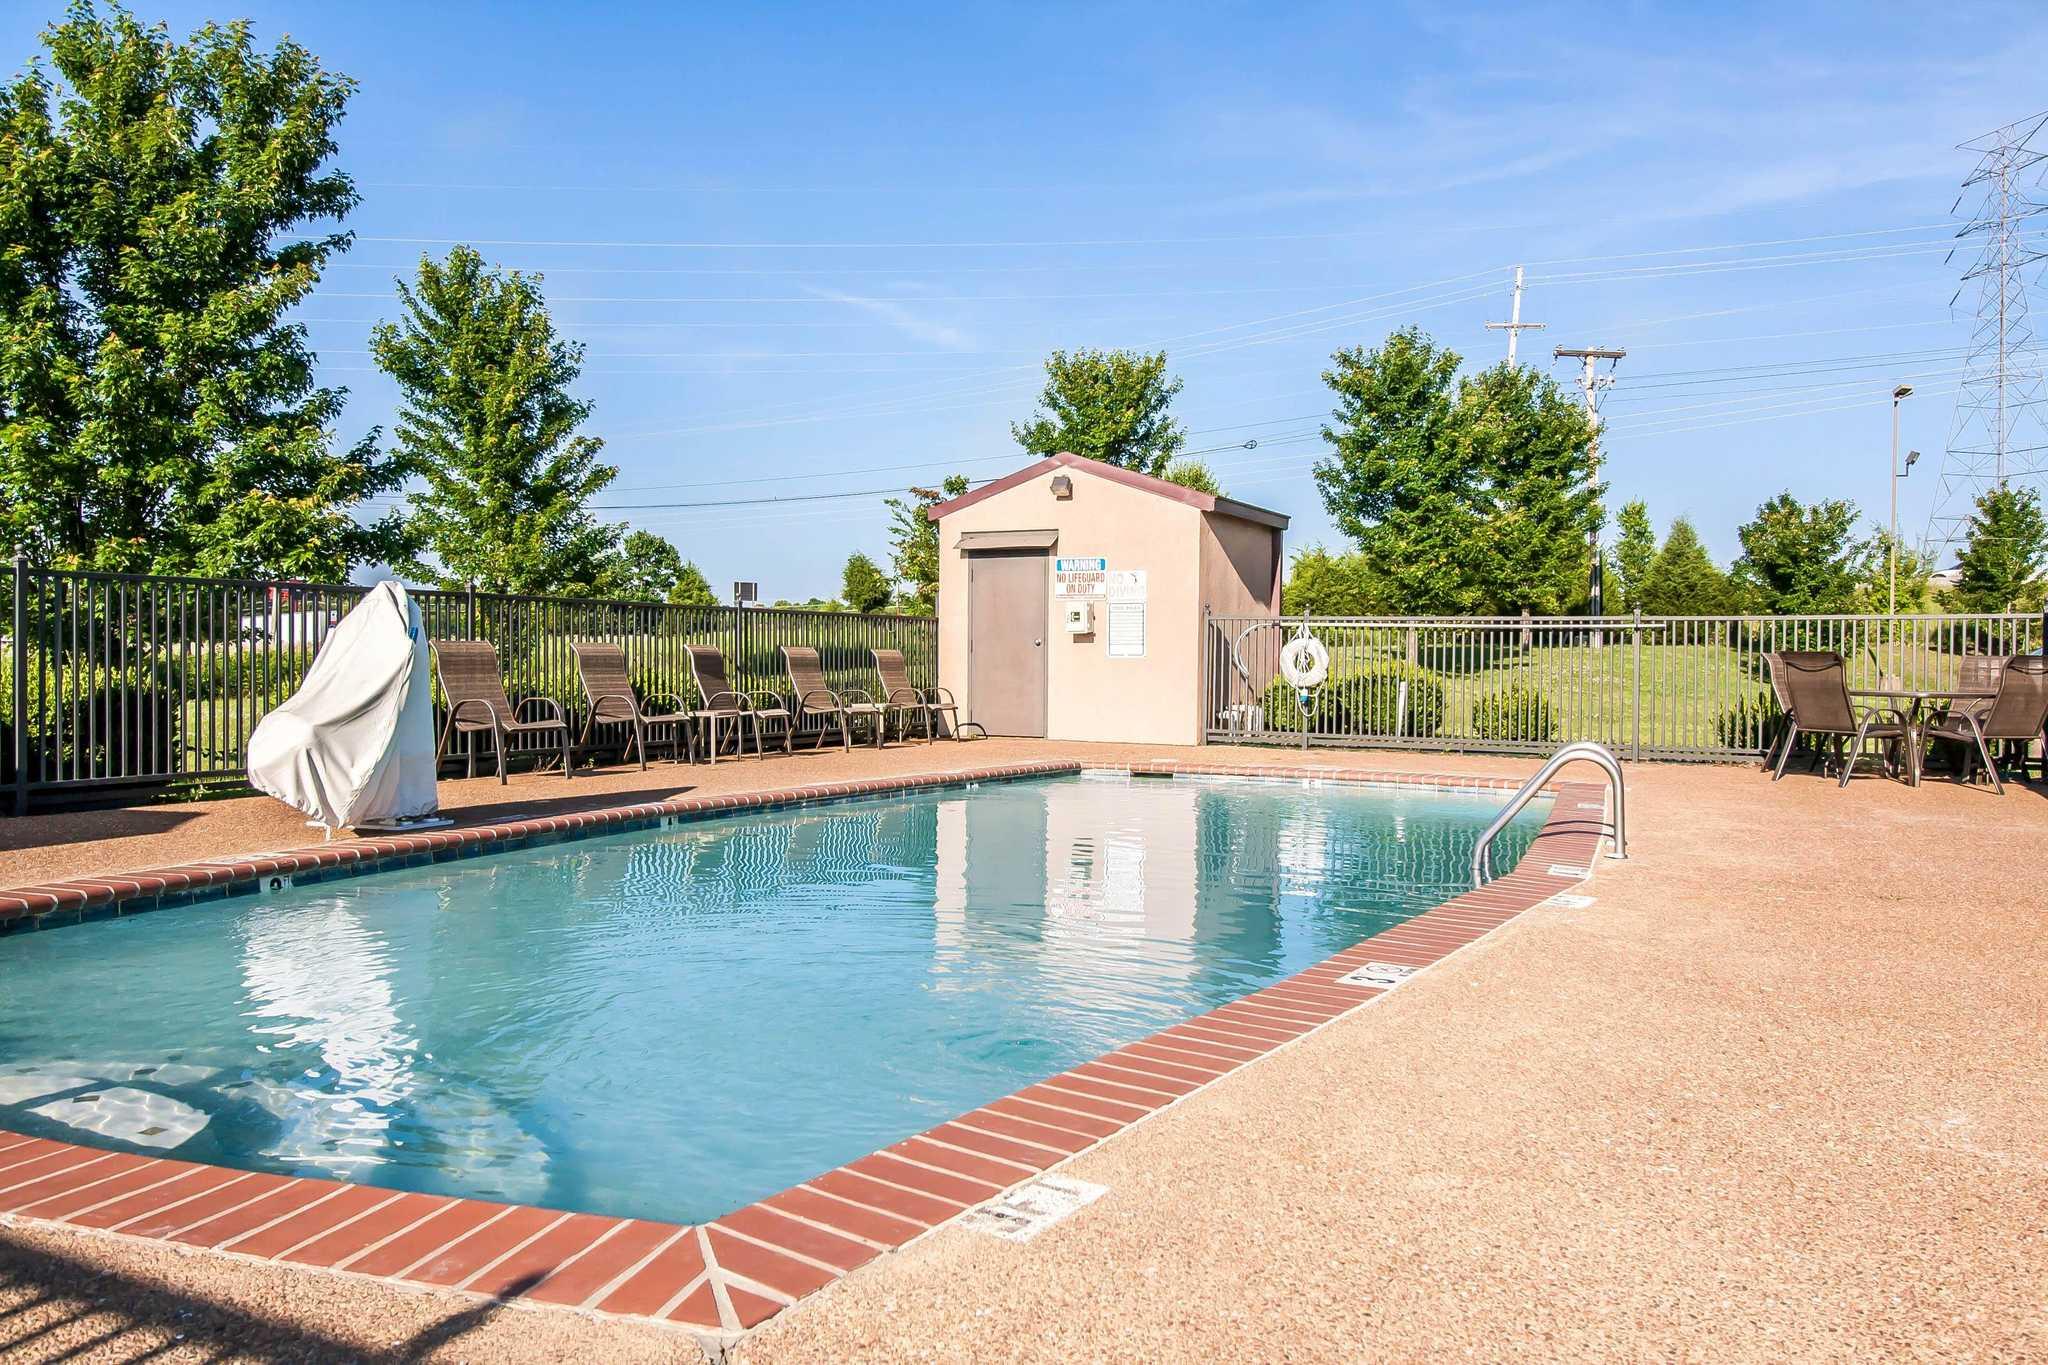 Comfort Inn, Jackson Tennessee (TN) - LocalDatabase.com